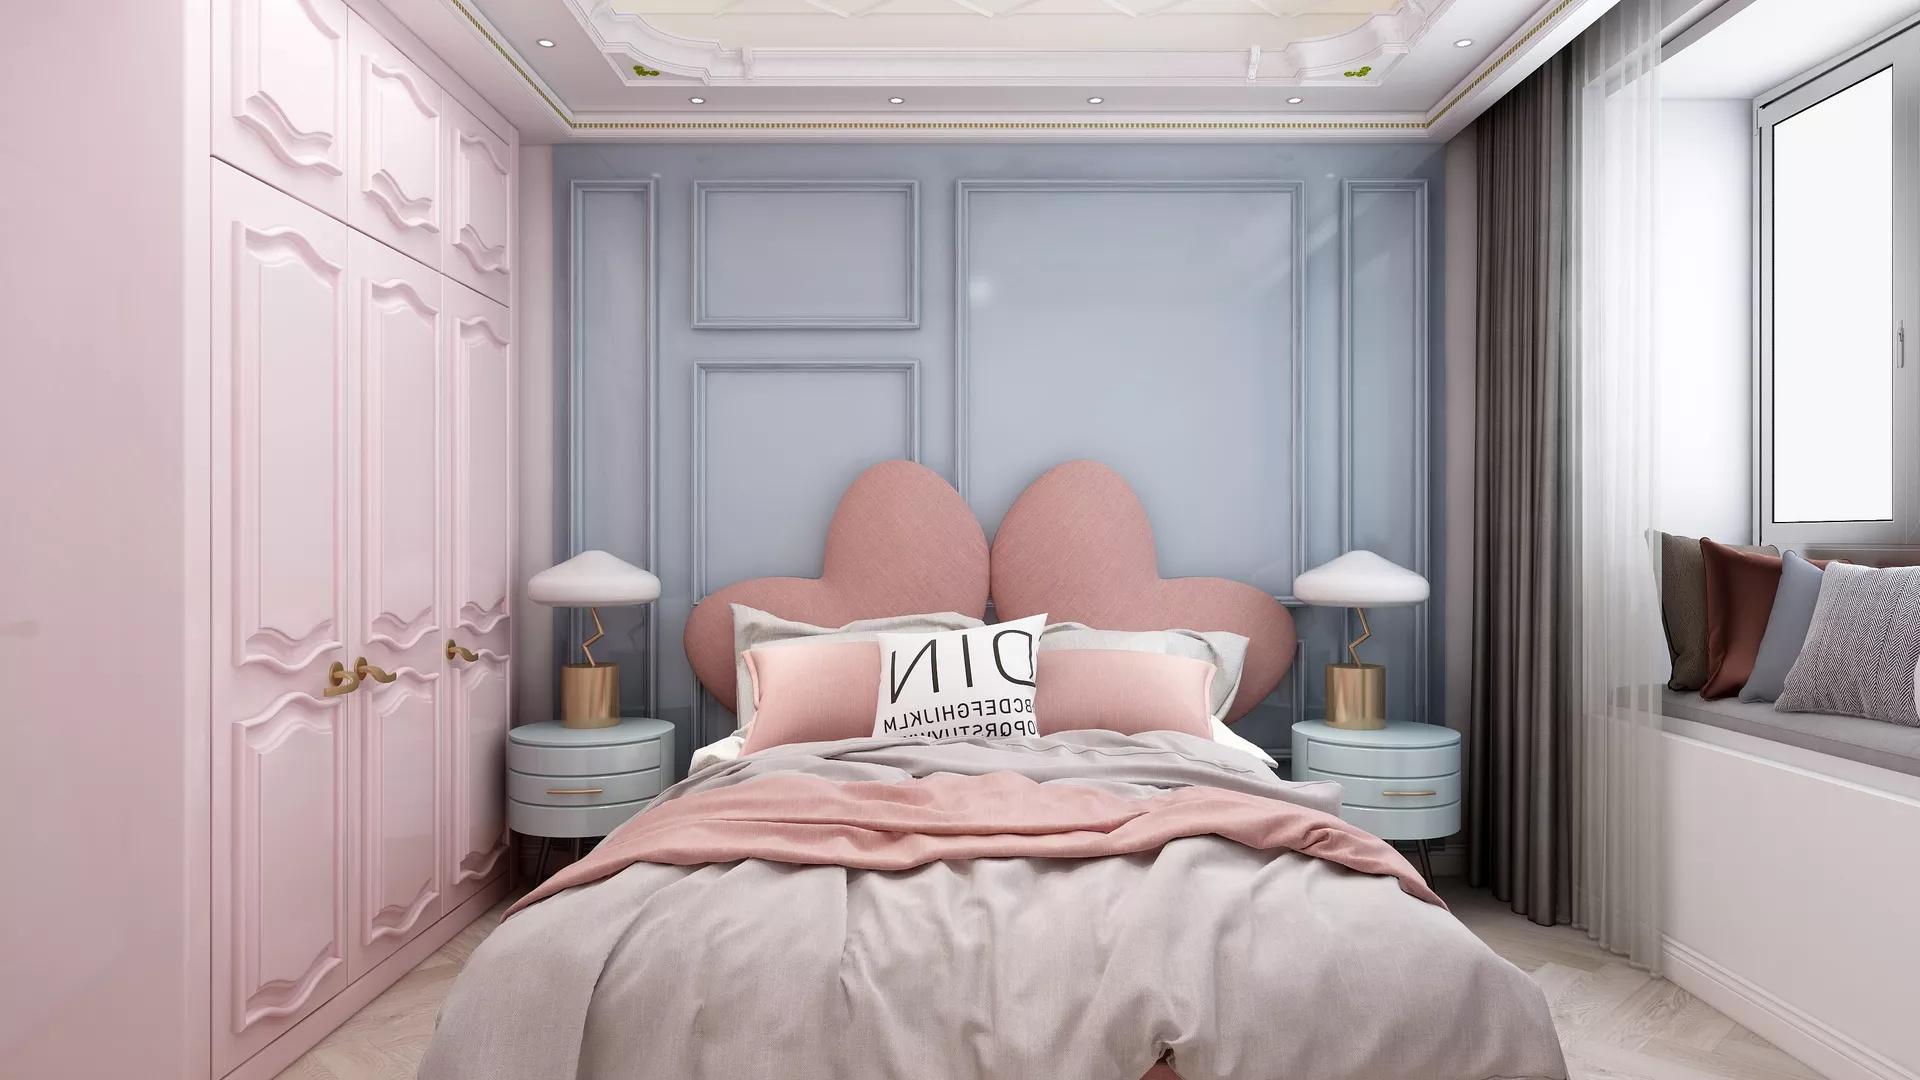 卧室装修样板间有哪些技巧 卧室样板间装修风格